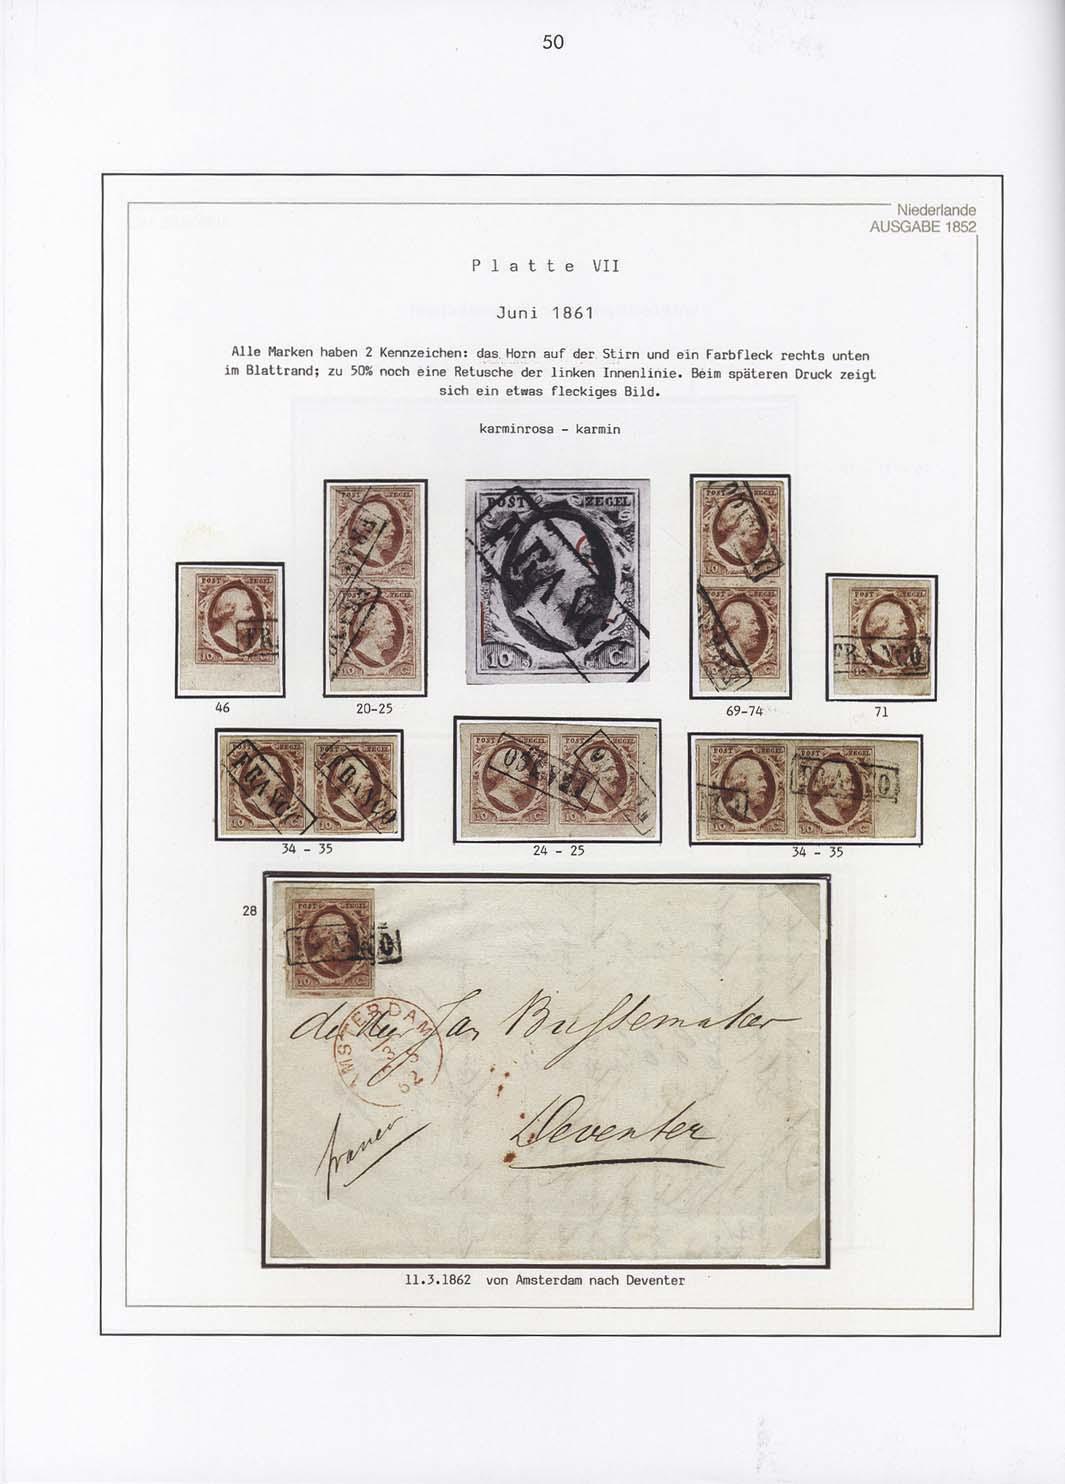 Band 1: Niederlande 1852 • Die Dr. Albert Louis Sammlung